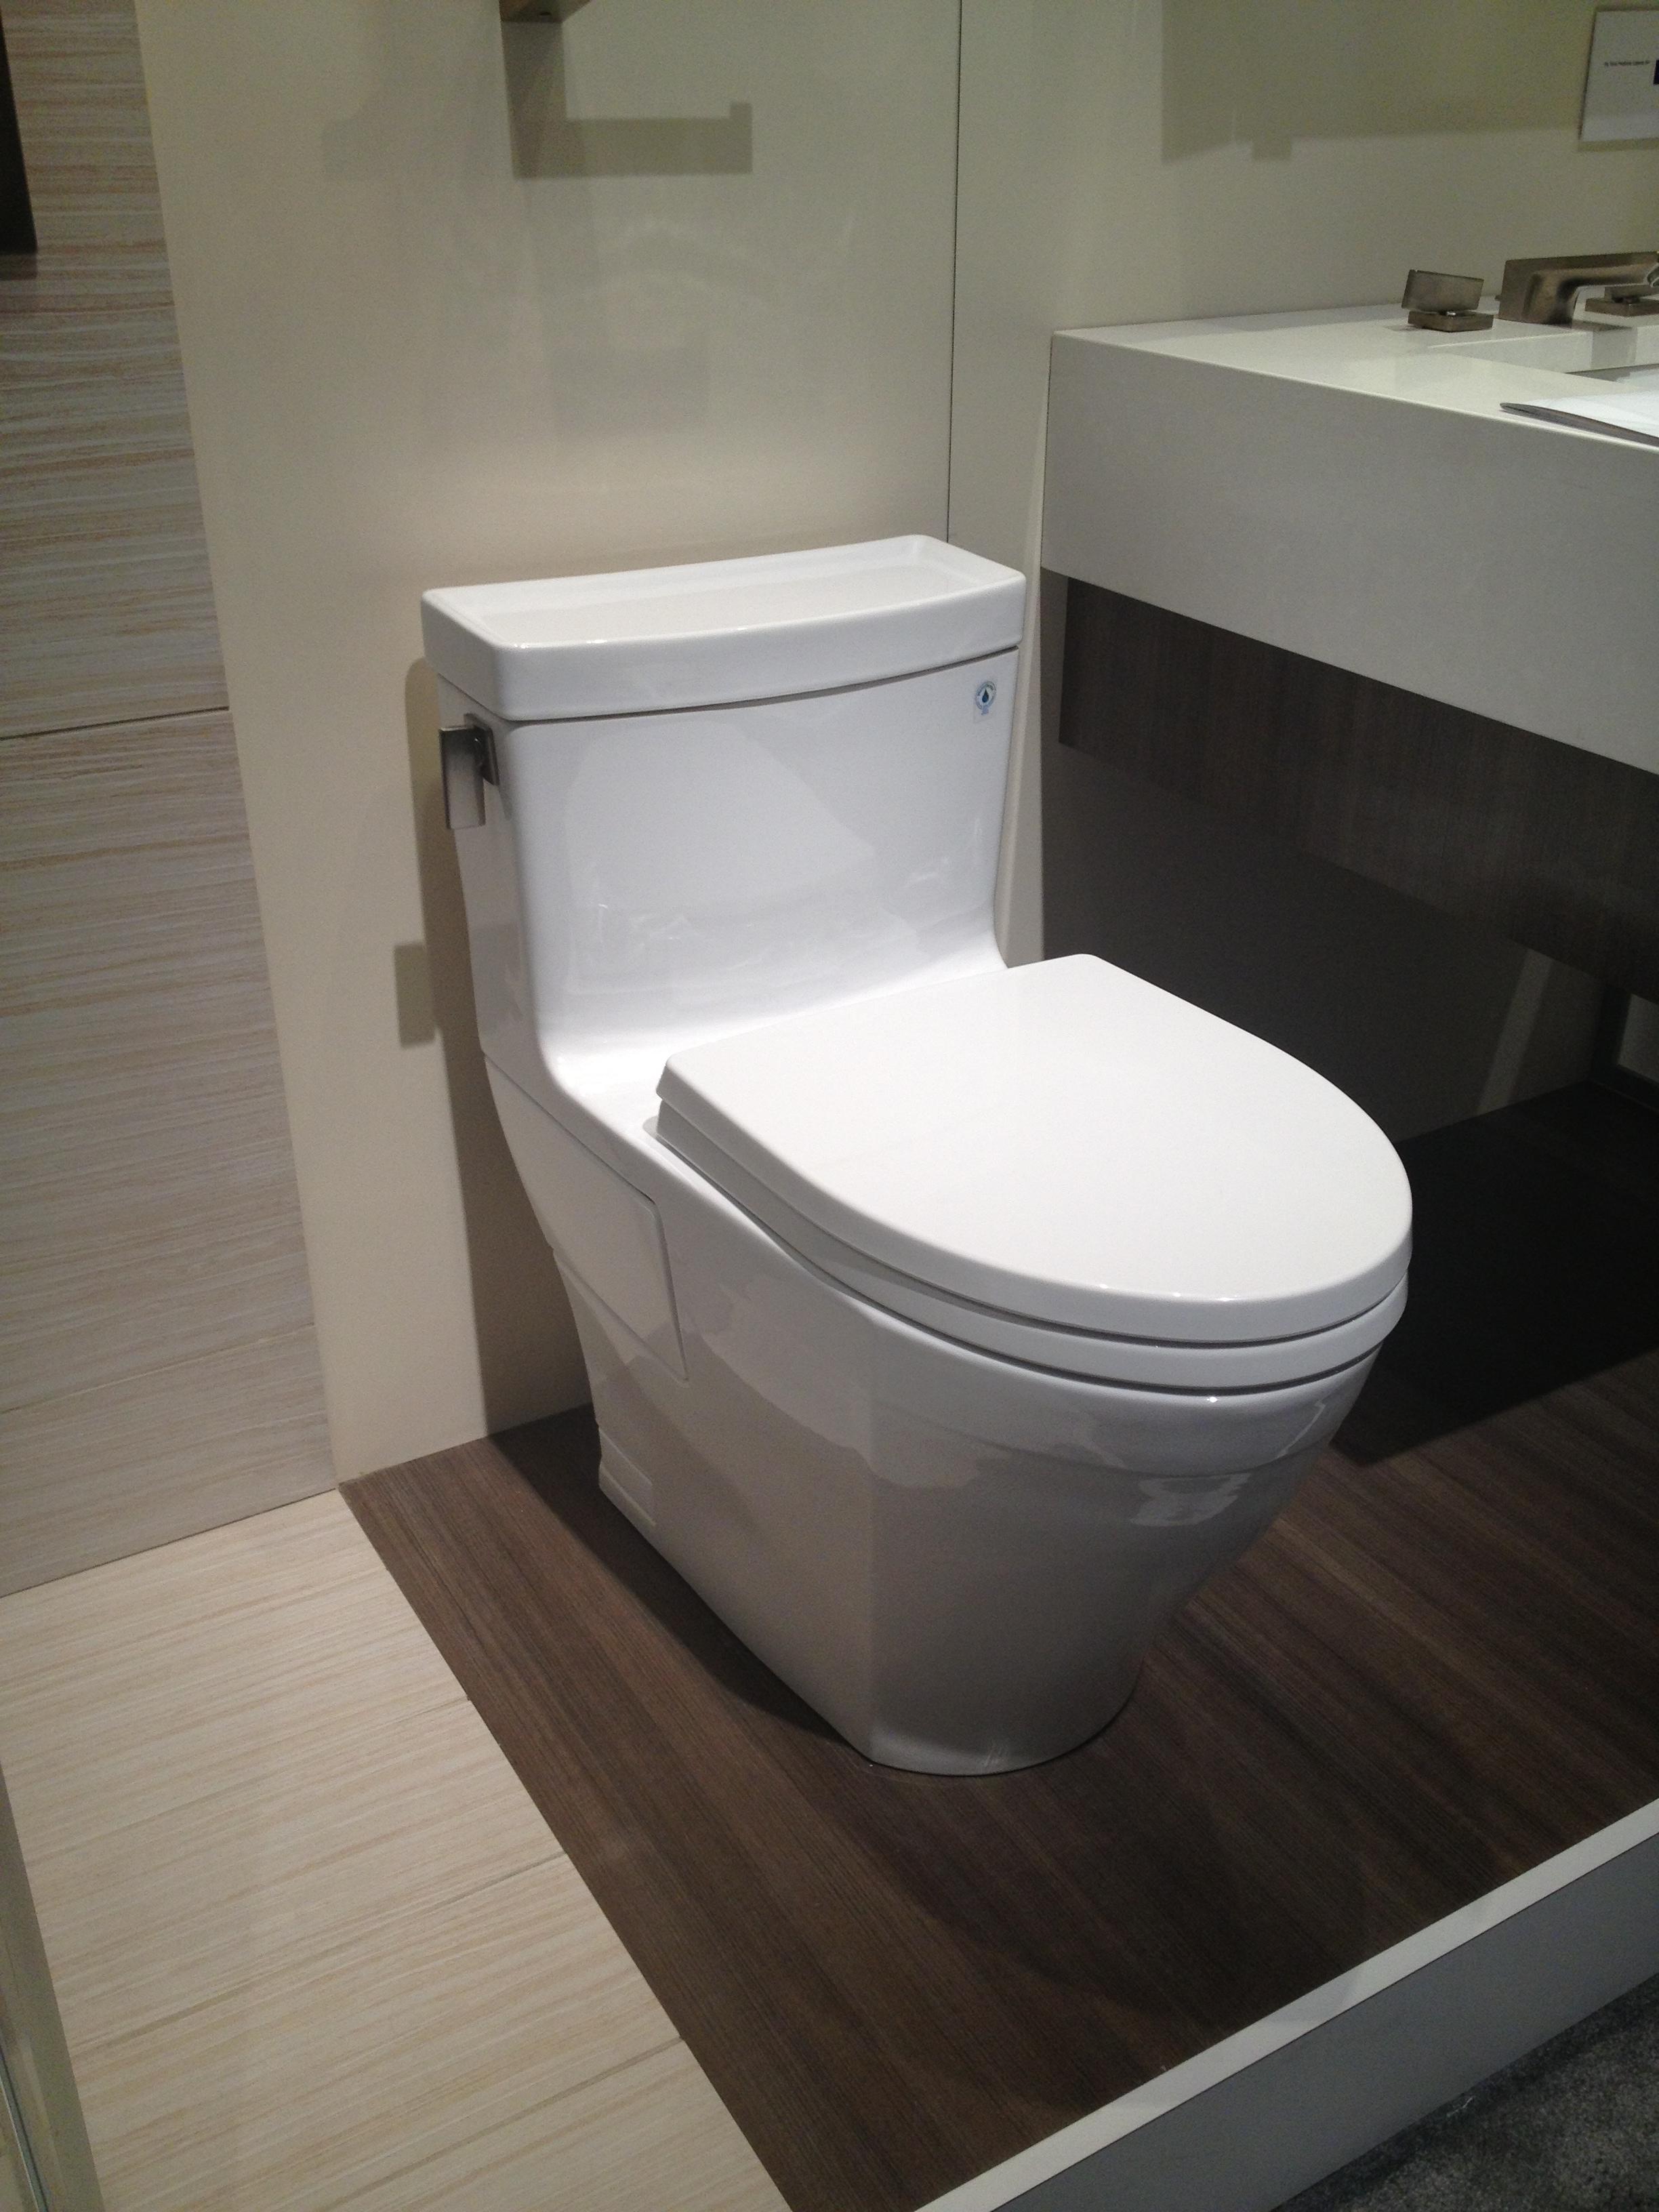 Toto Toilet Seat Bidet | Toto Promenade Toilet | Toto Toilet